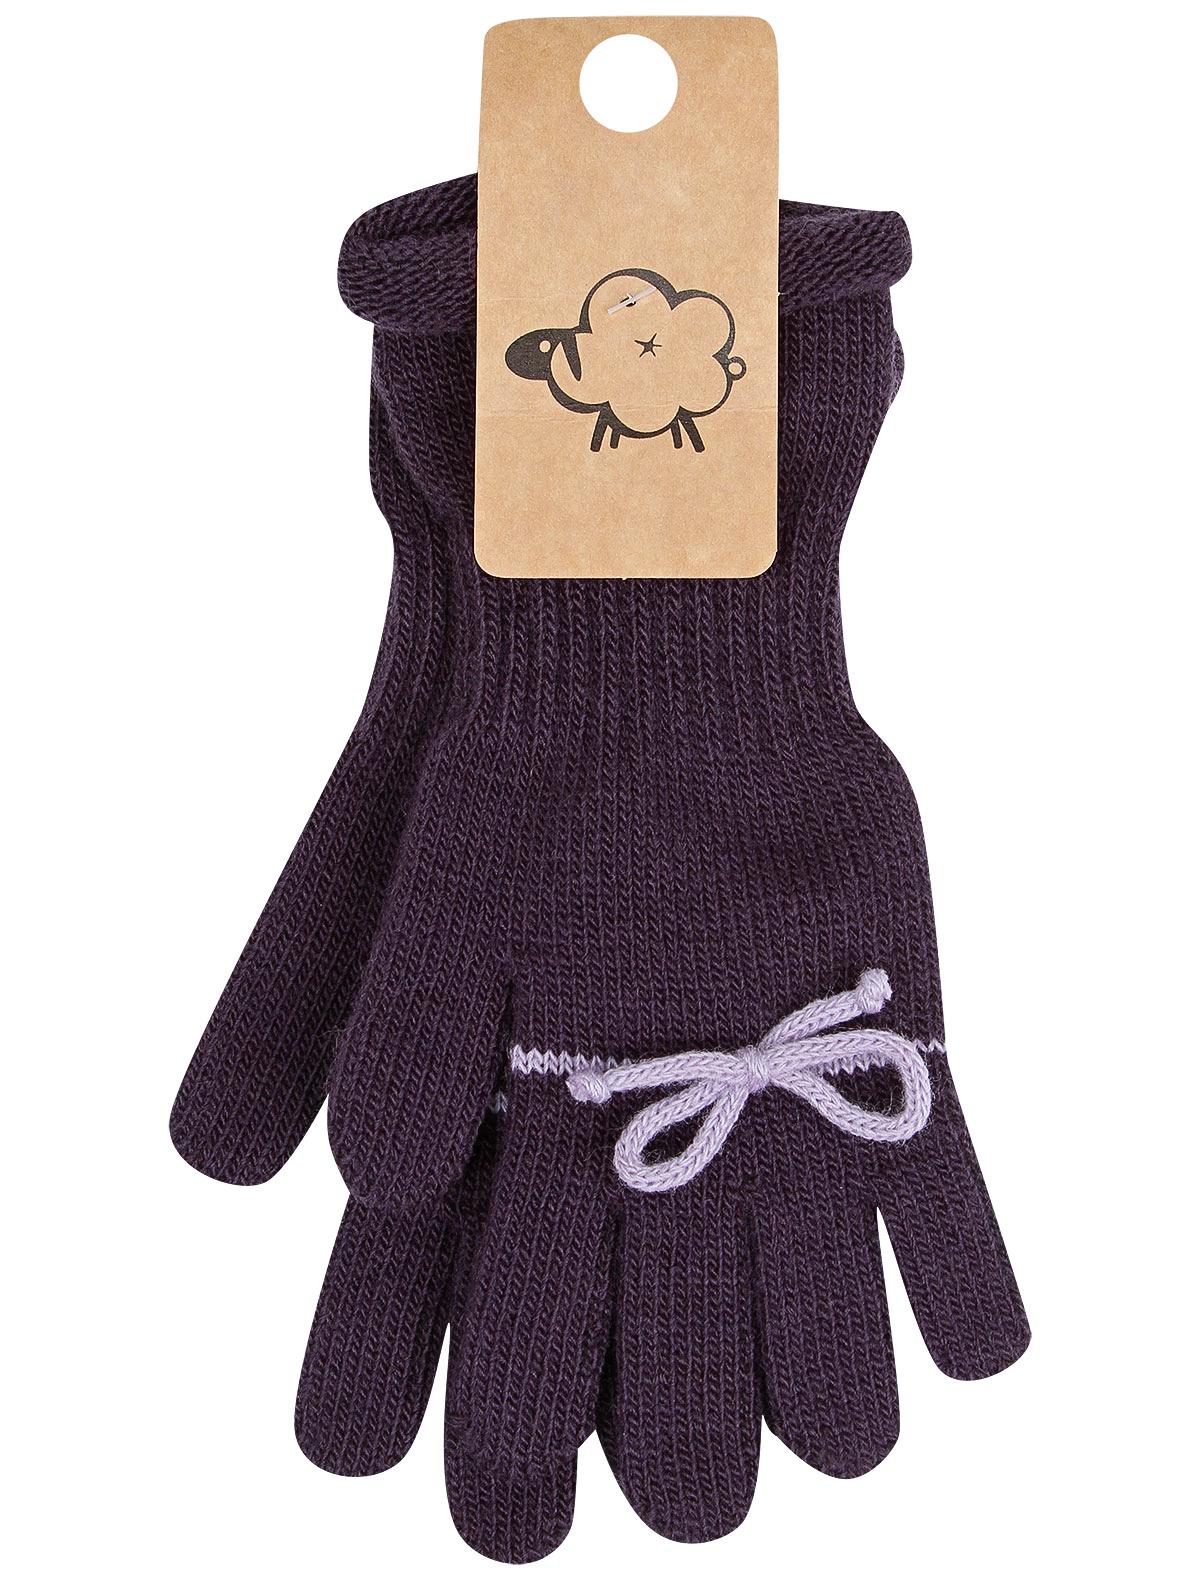 Купить 2268130, Перчатки WOOL & COTTON, фиолетовый, Женский, 1194509080157